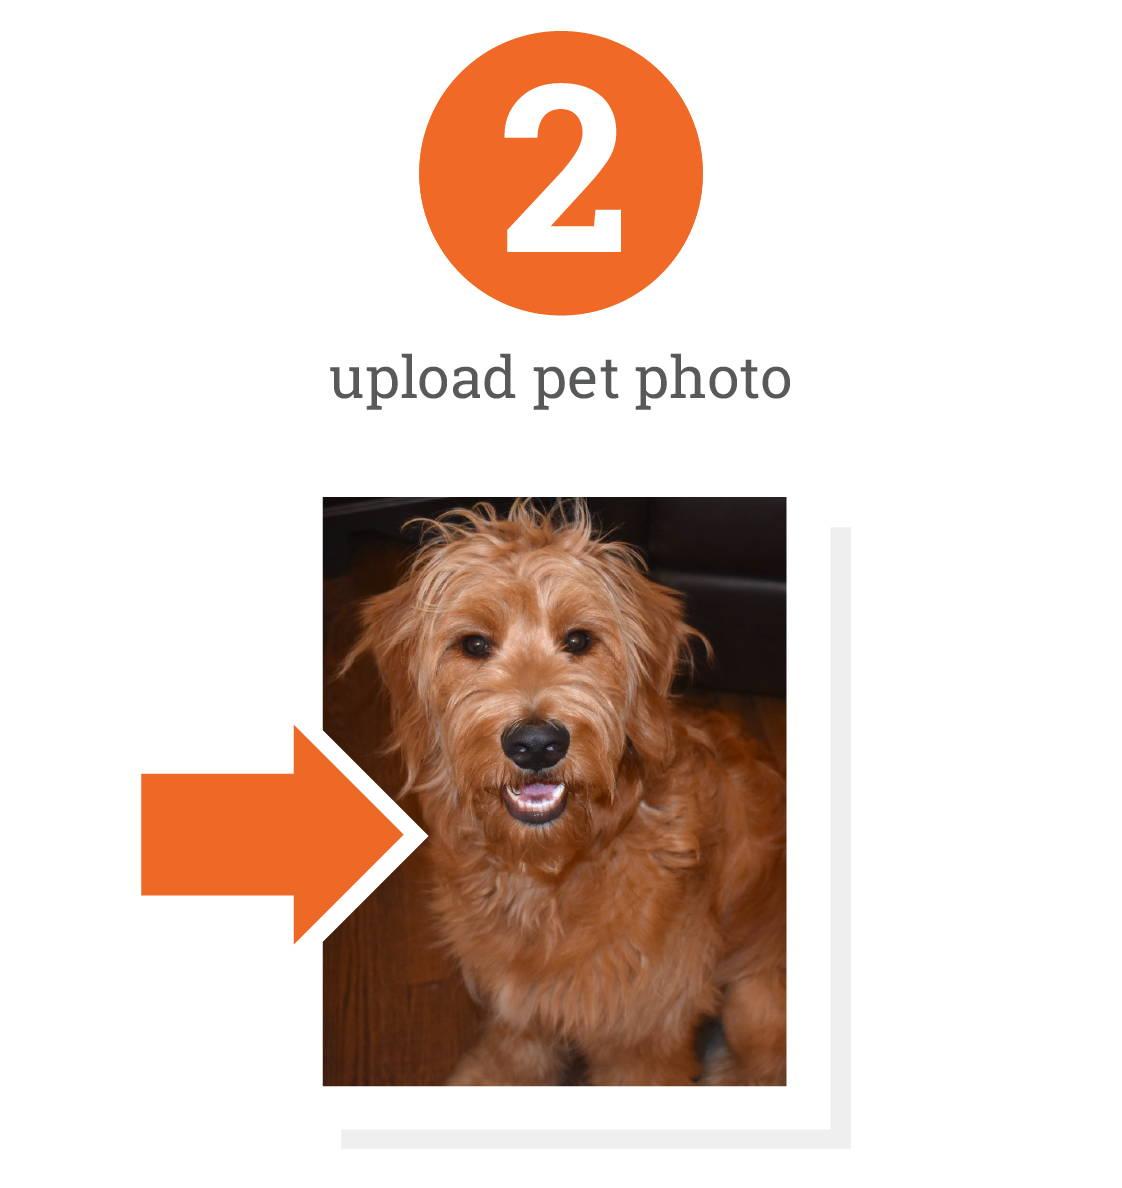 dog portrait - upload photo